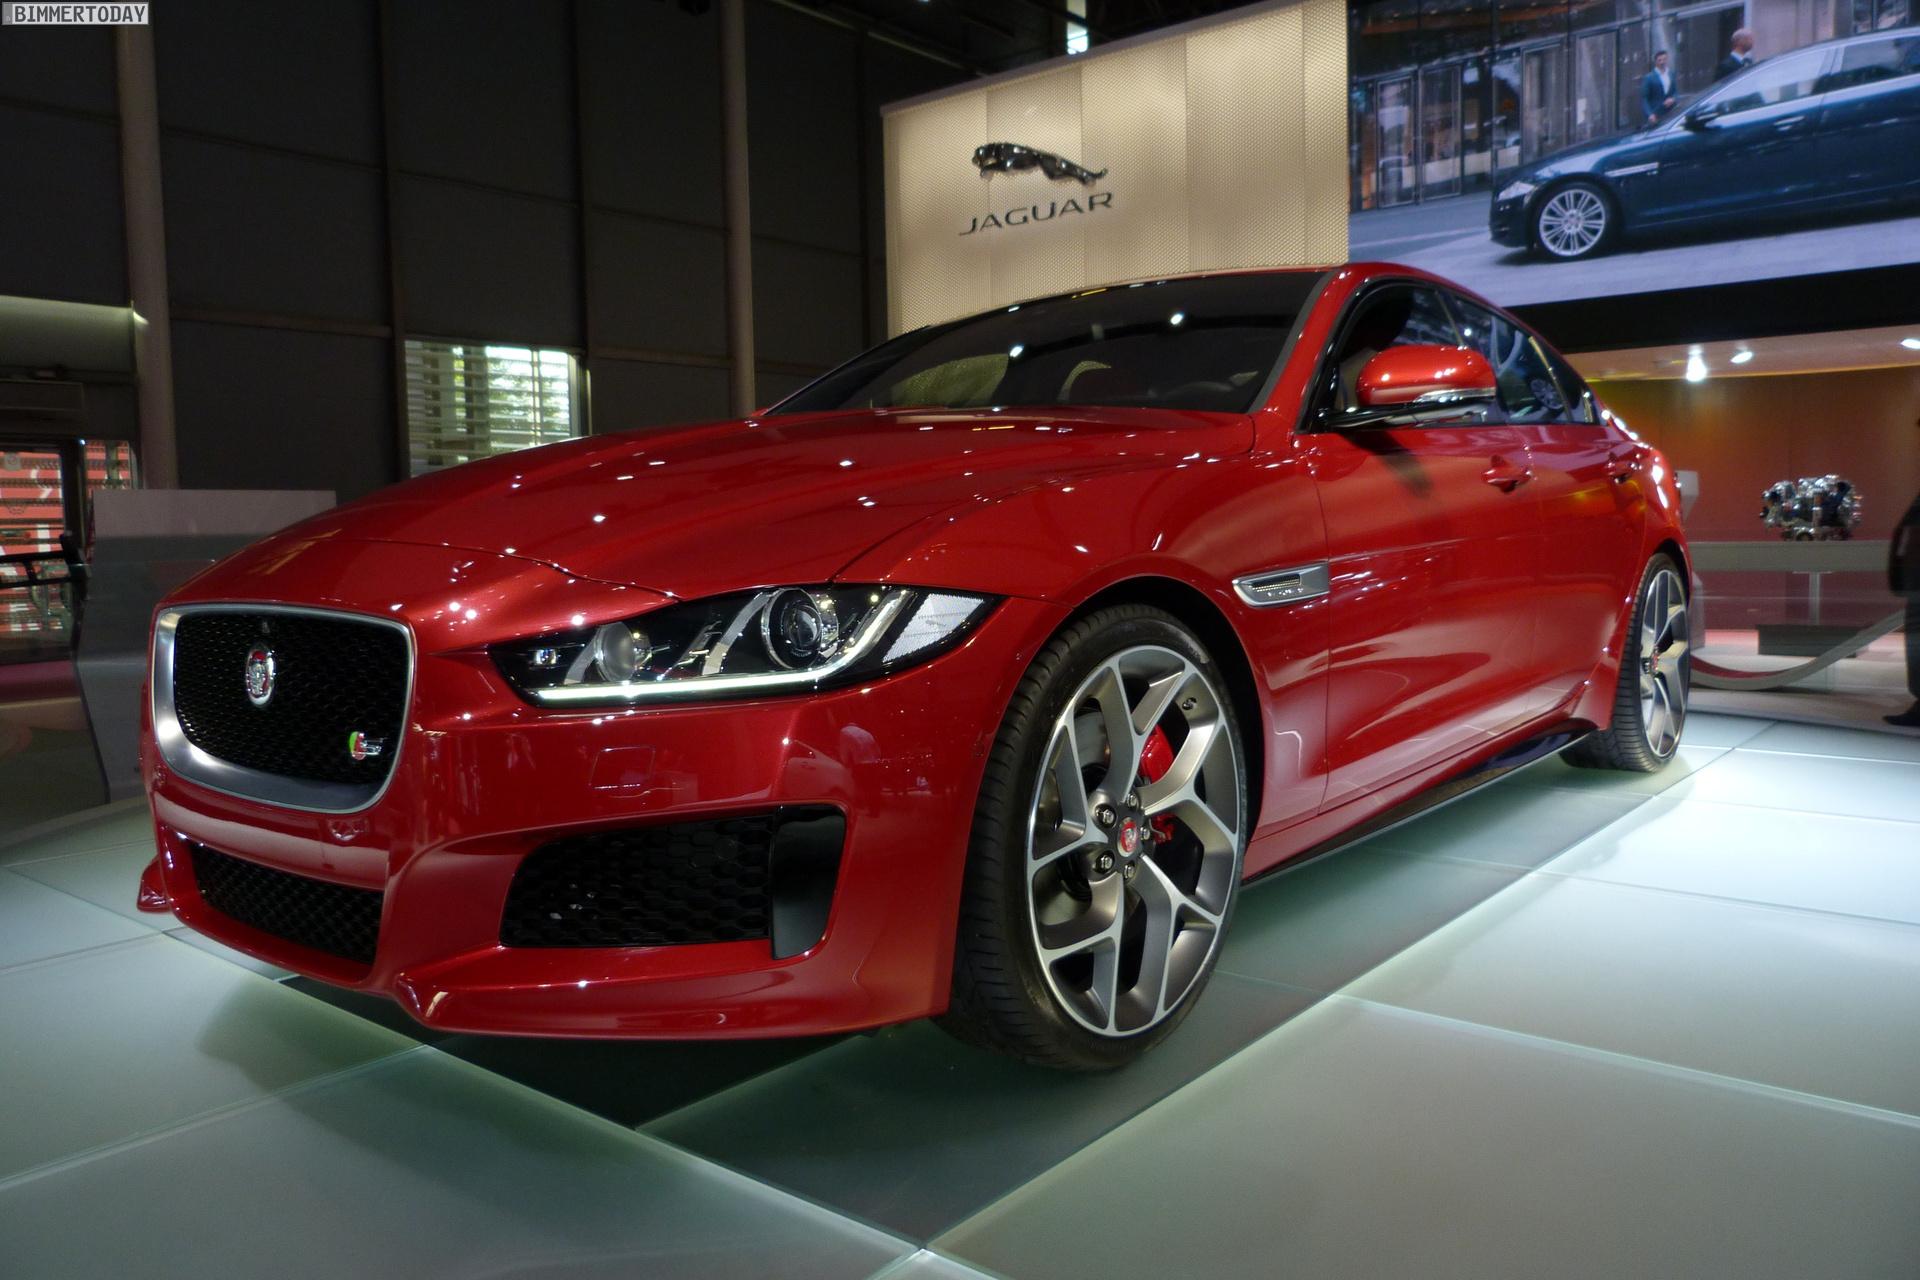 2014 Jaguar XE S Limousine Carnelian Red Premiere Paris LIVE 01